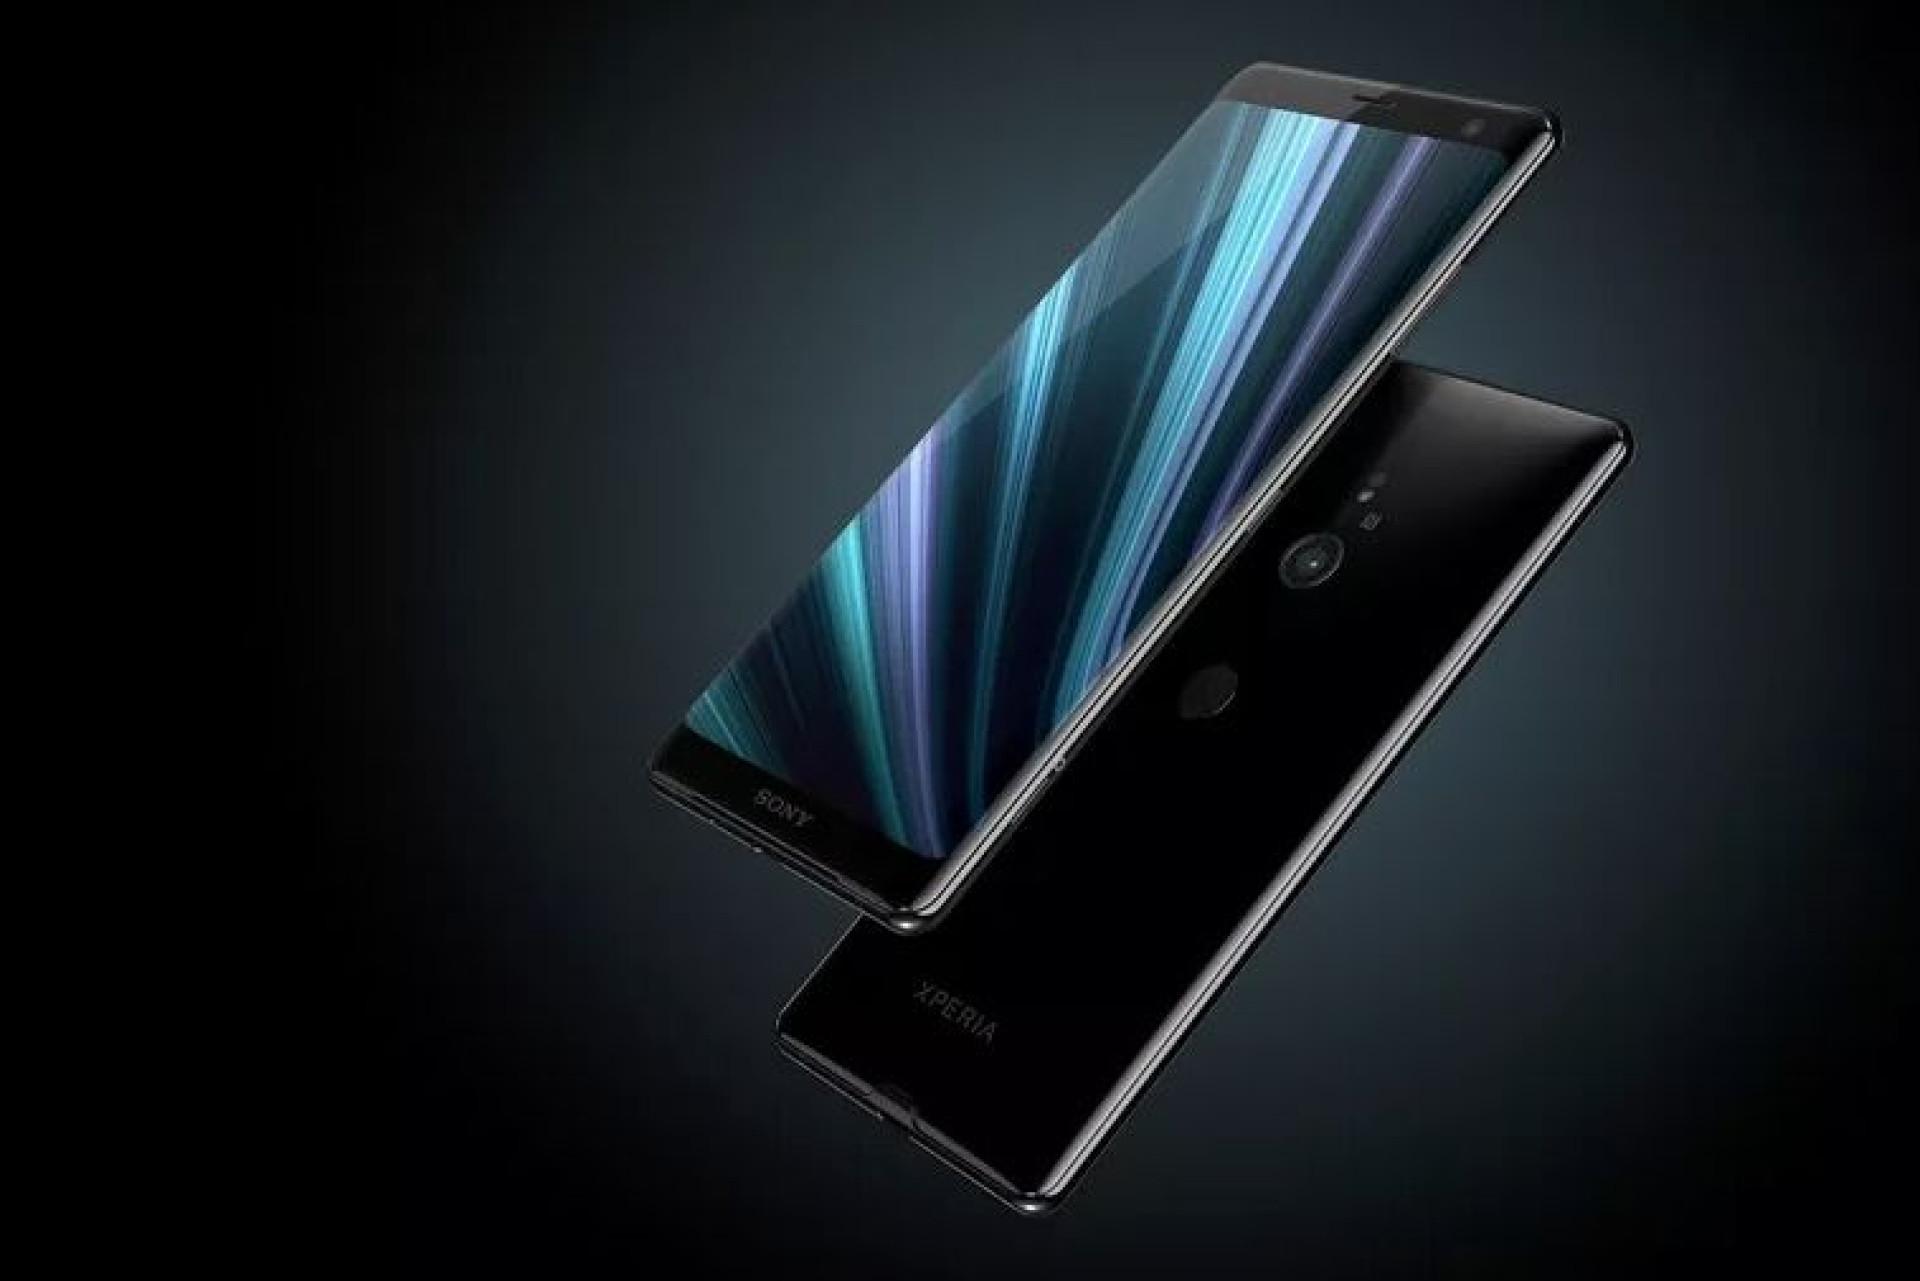 Eis o Sony Xperia XZ3 e o seu impressionante ecrã